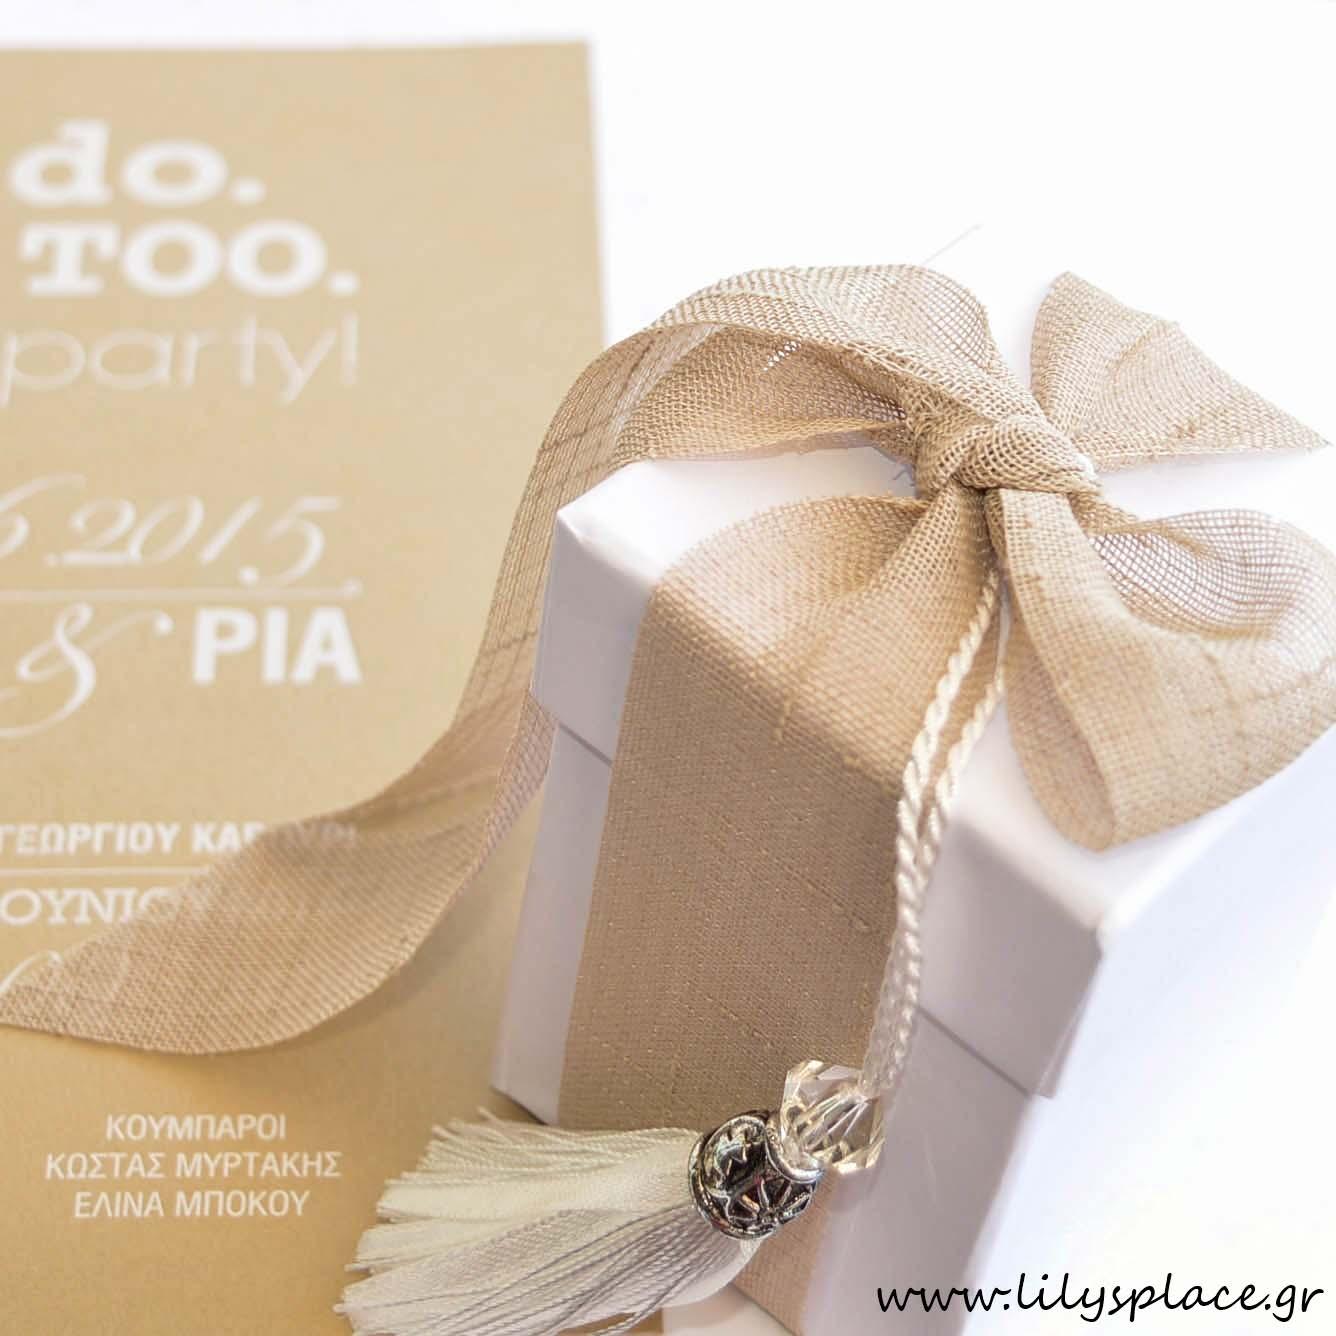 Μπομπονιέρα γάμου κουτί λευκό